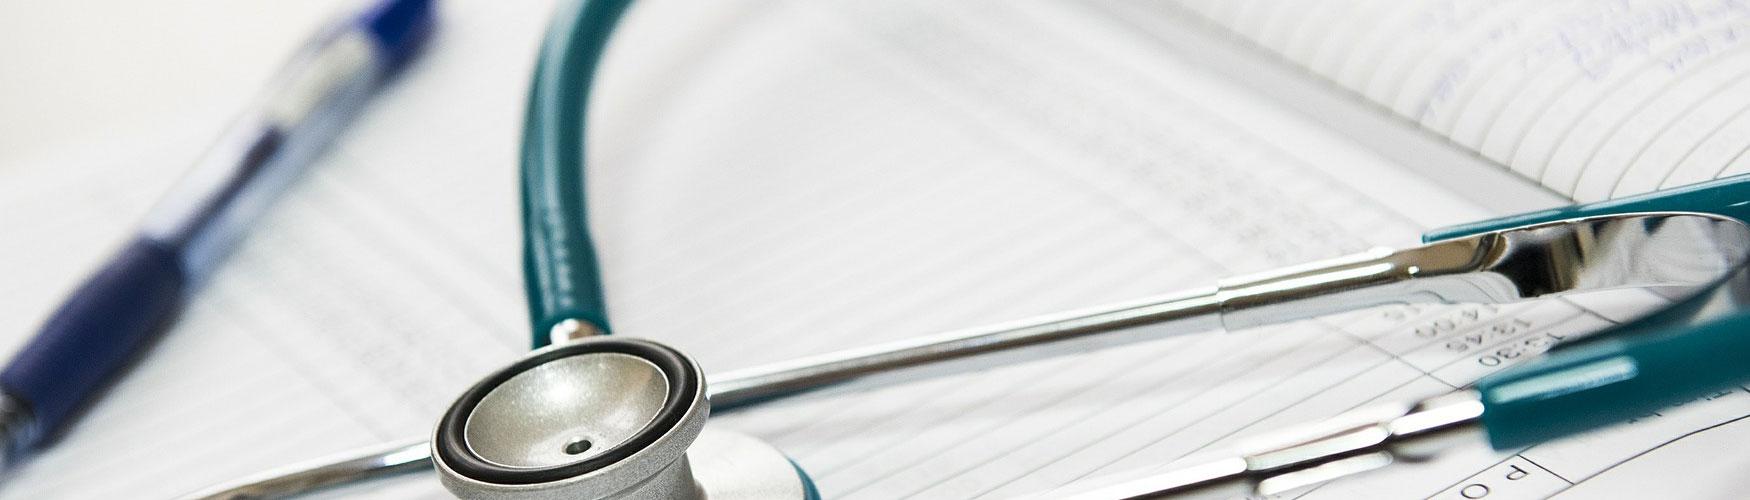 medical-header.jpg